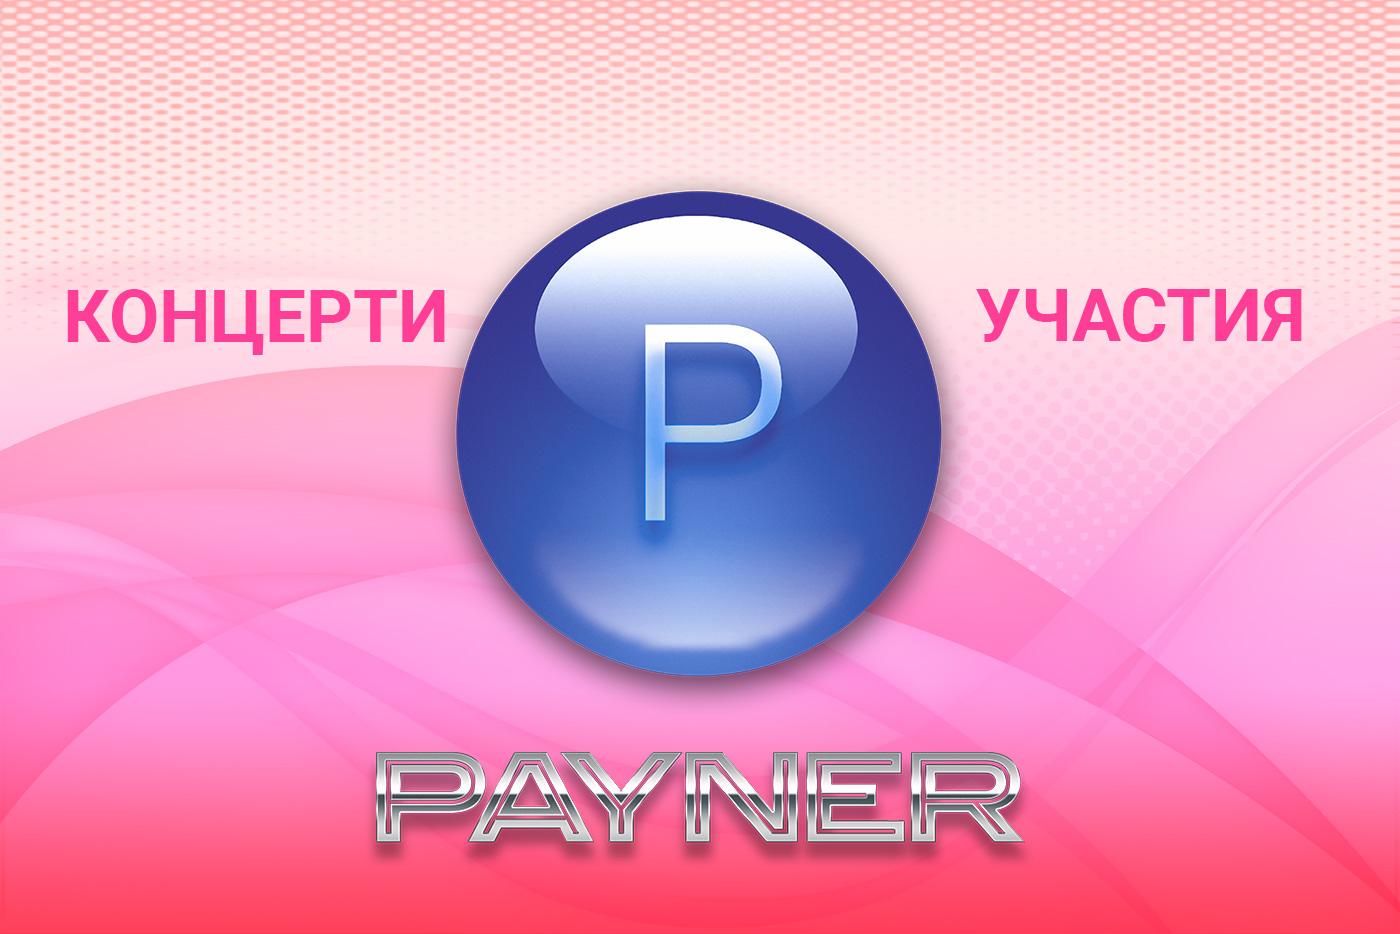 """Участия на звездите на """"Пайнер"""" на 21.01.2020"""